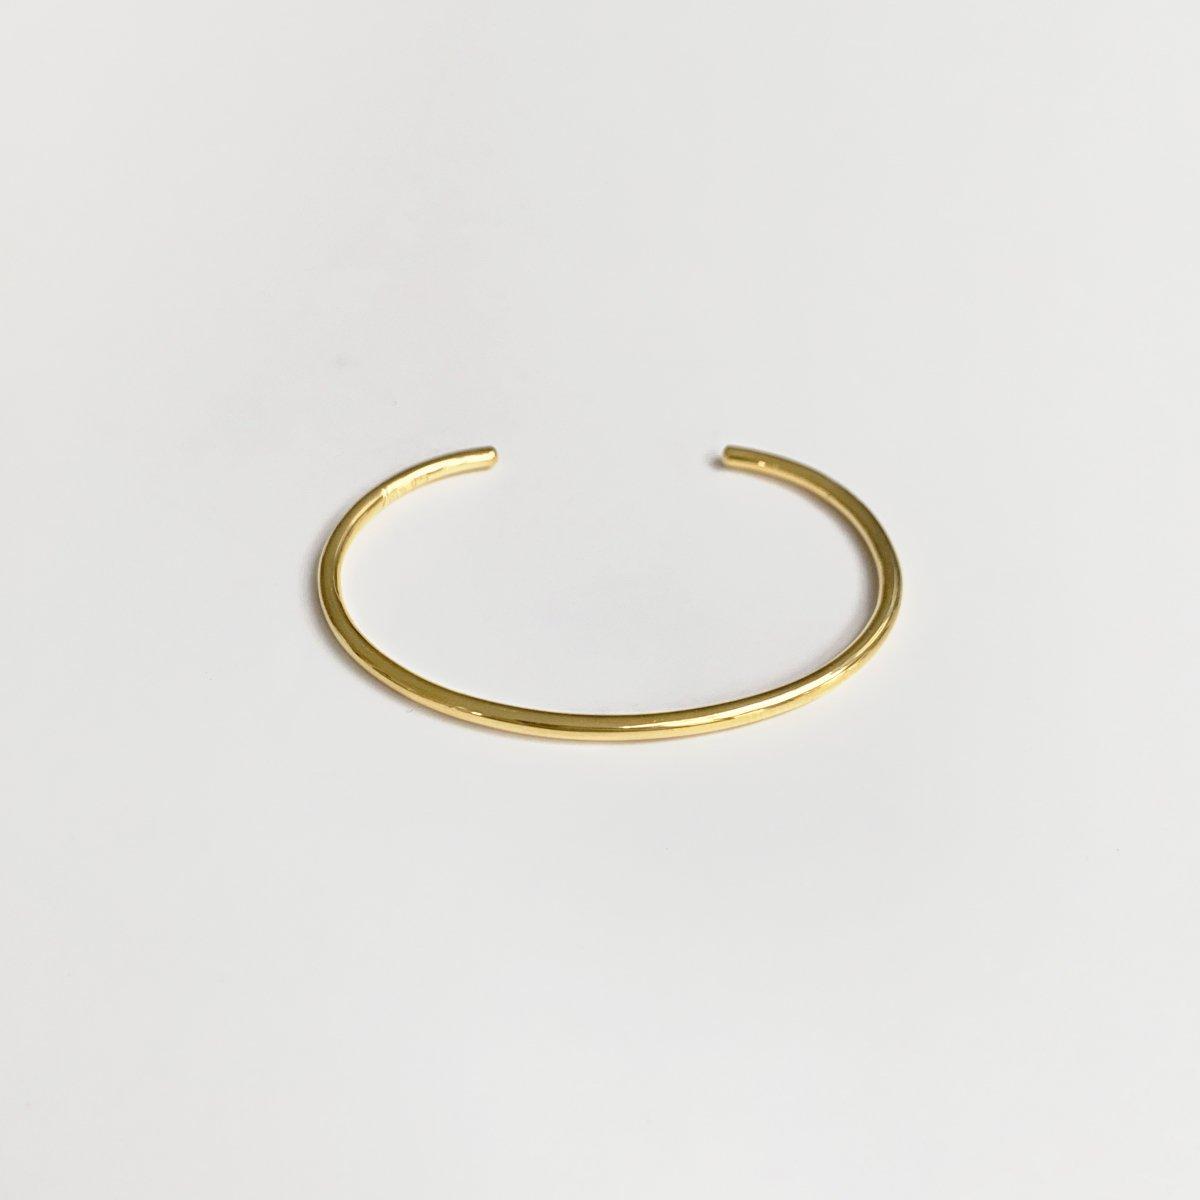 L bangle gold